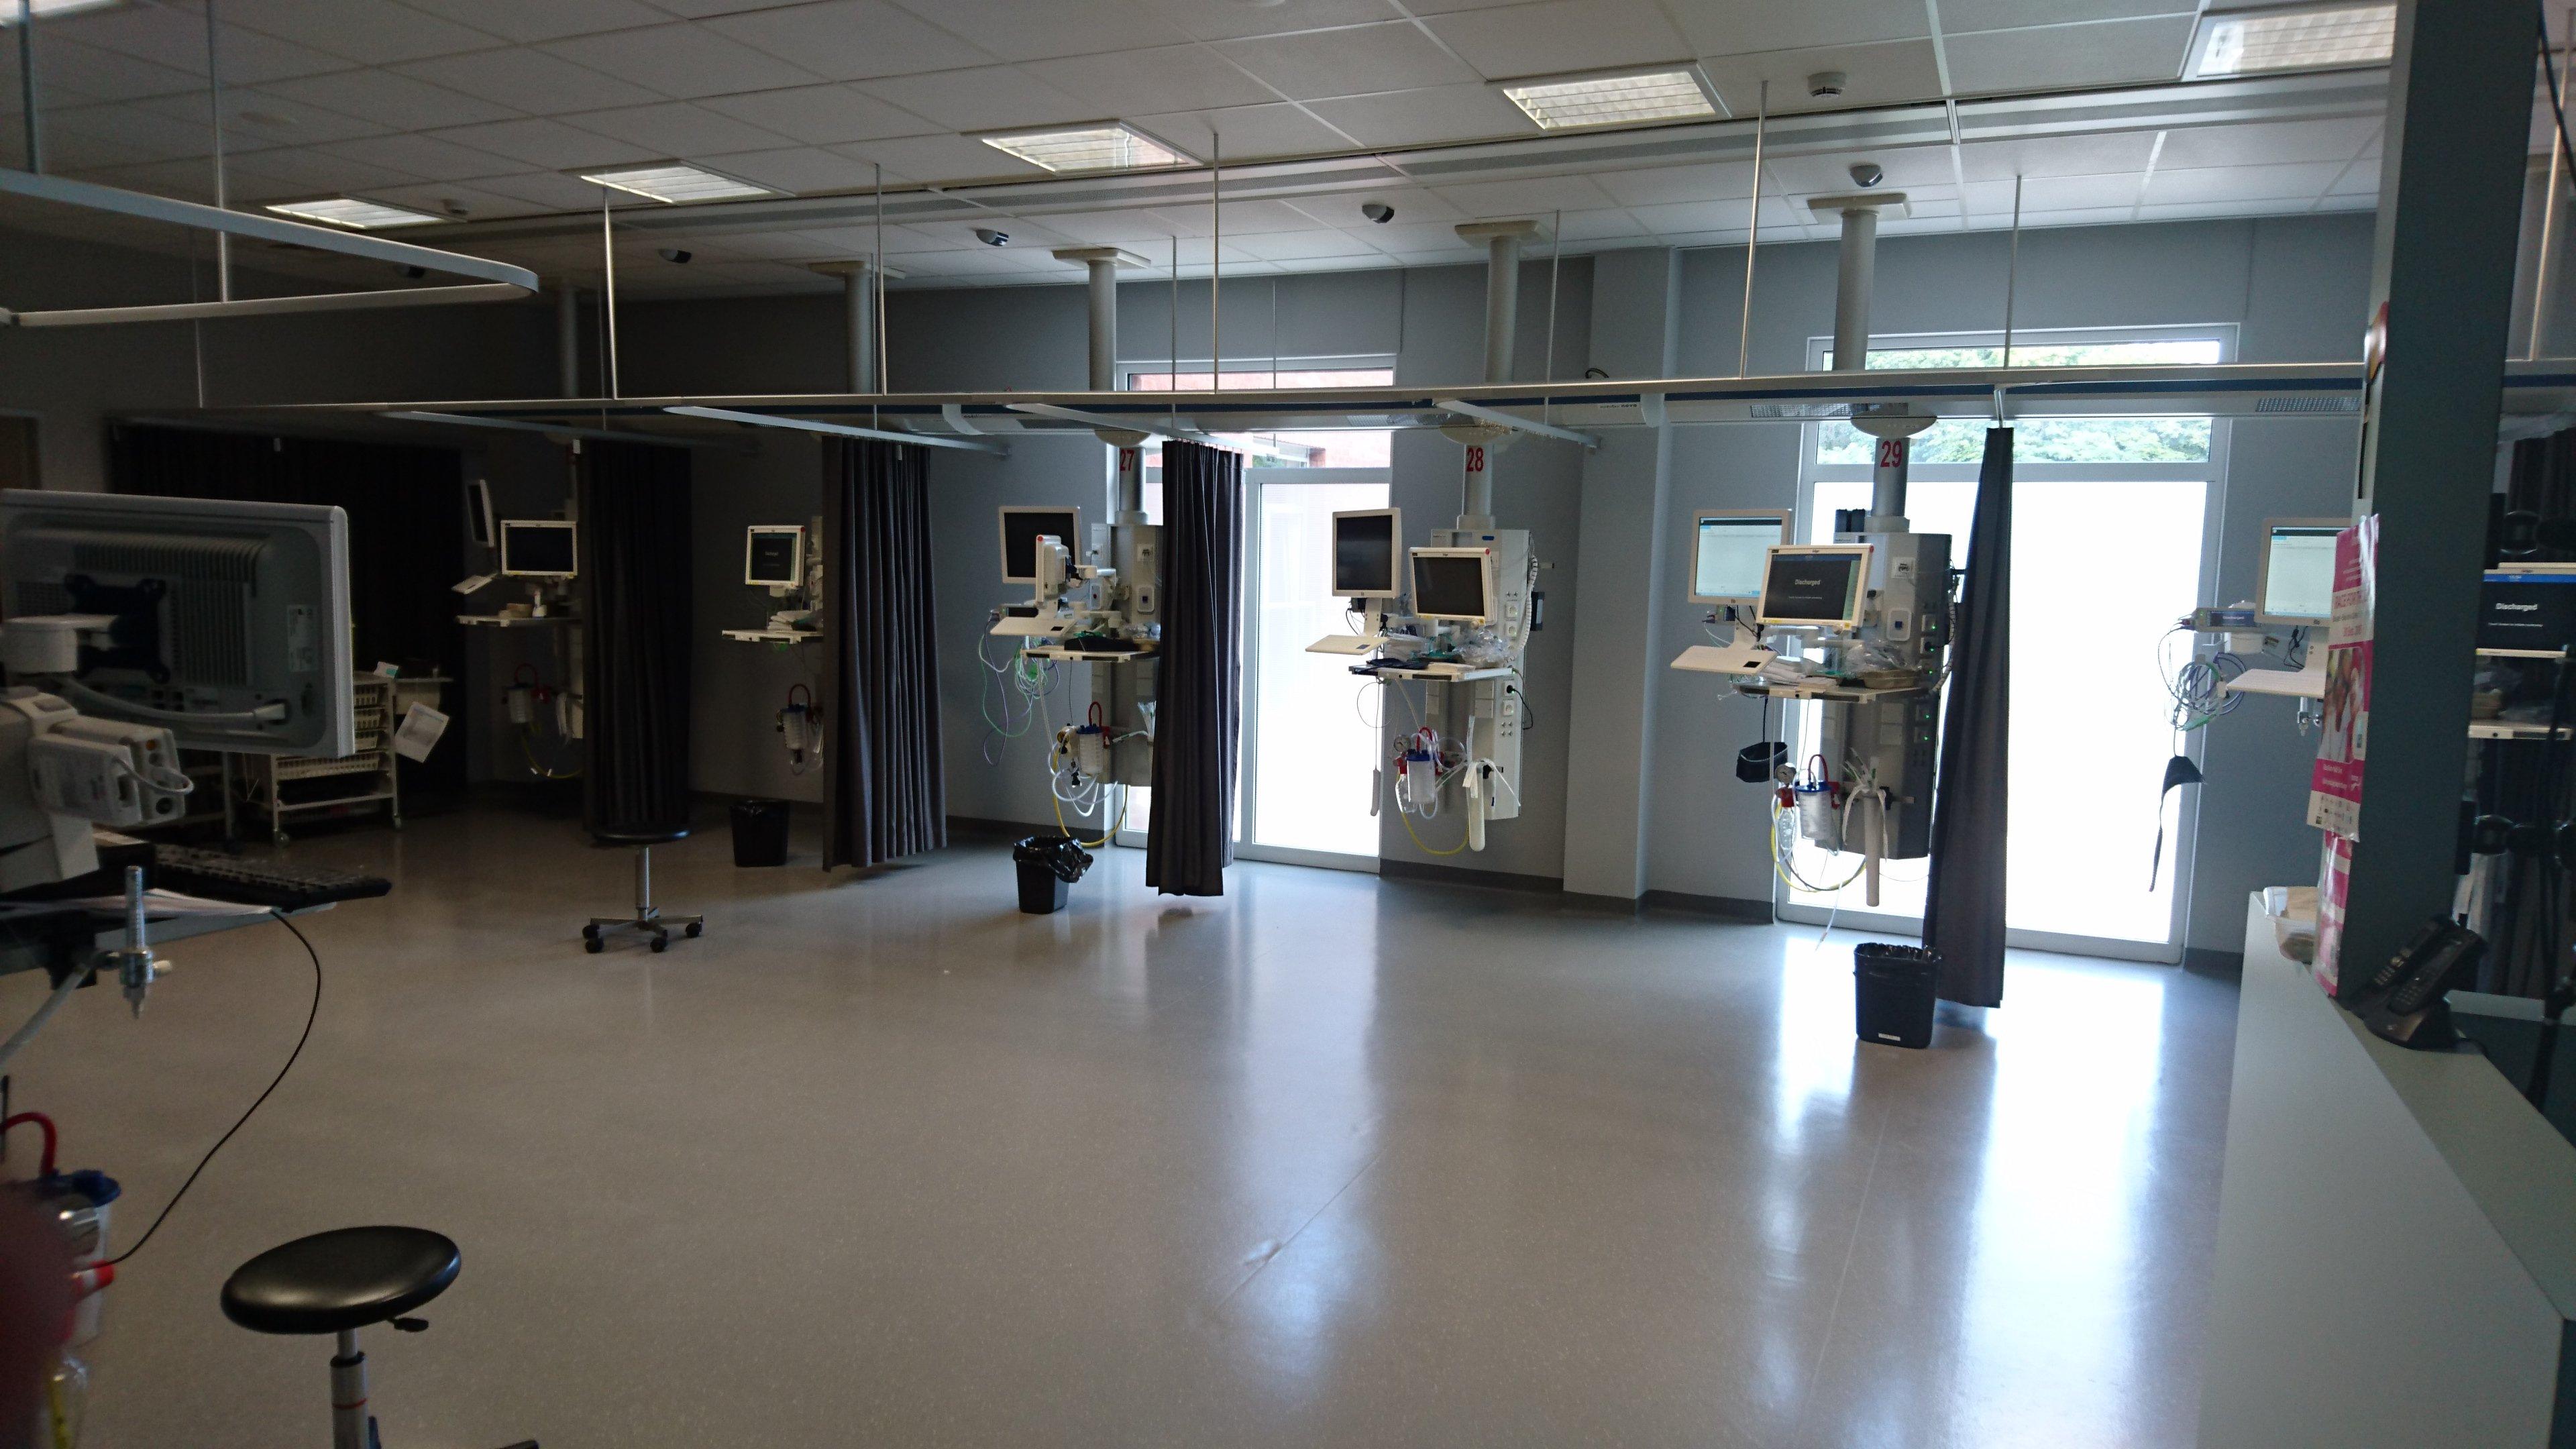 Cliniques de l'Europe - Salle de réveil - Dr Joe Hellers - Chirurgie Plastique et Esthétique, Bruxelles, Uccle